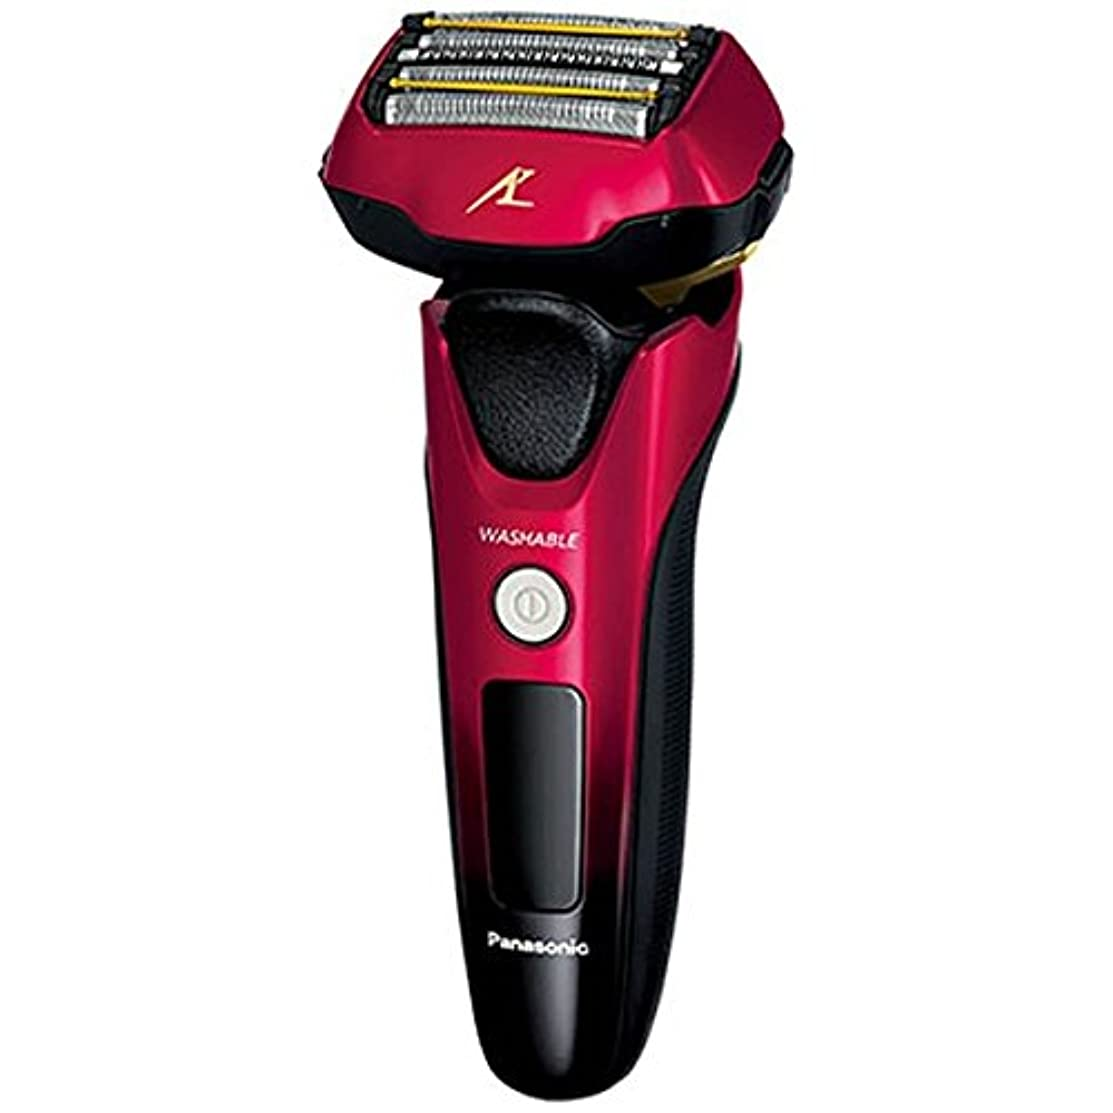 音節おそらく私たちパナソニック 電気シェーバー (赤)Panasonic ラムダッシュ 【5枚刃】 ES-LV5B の限定モデル ES-CLV5B-R